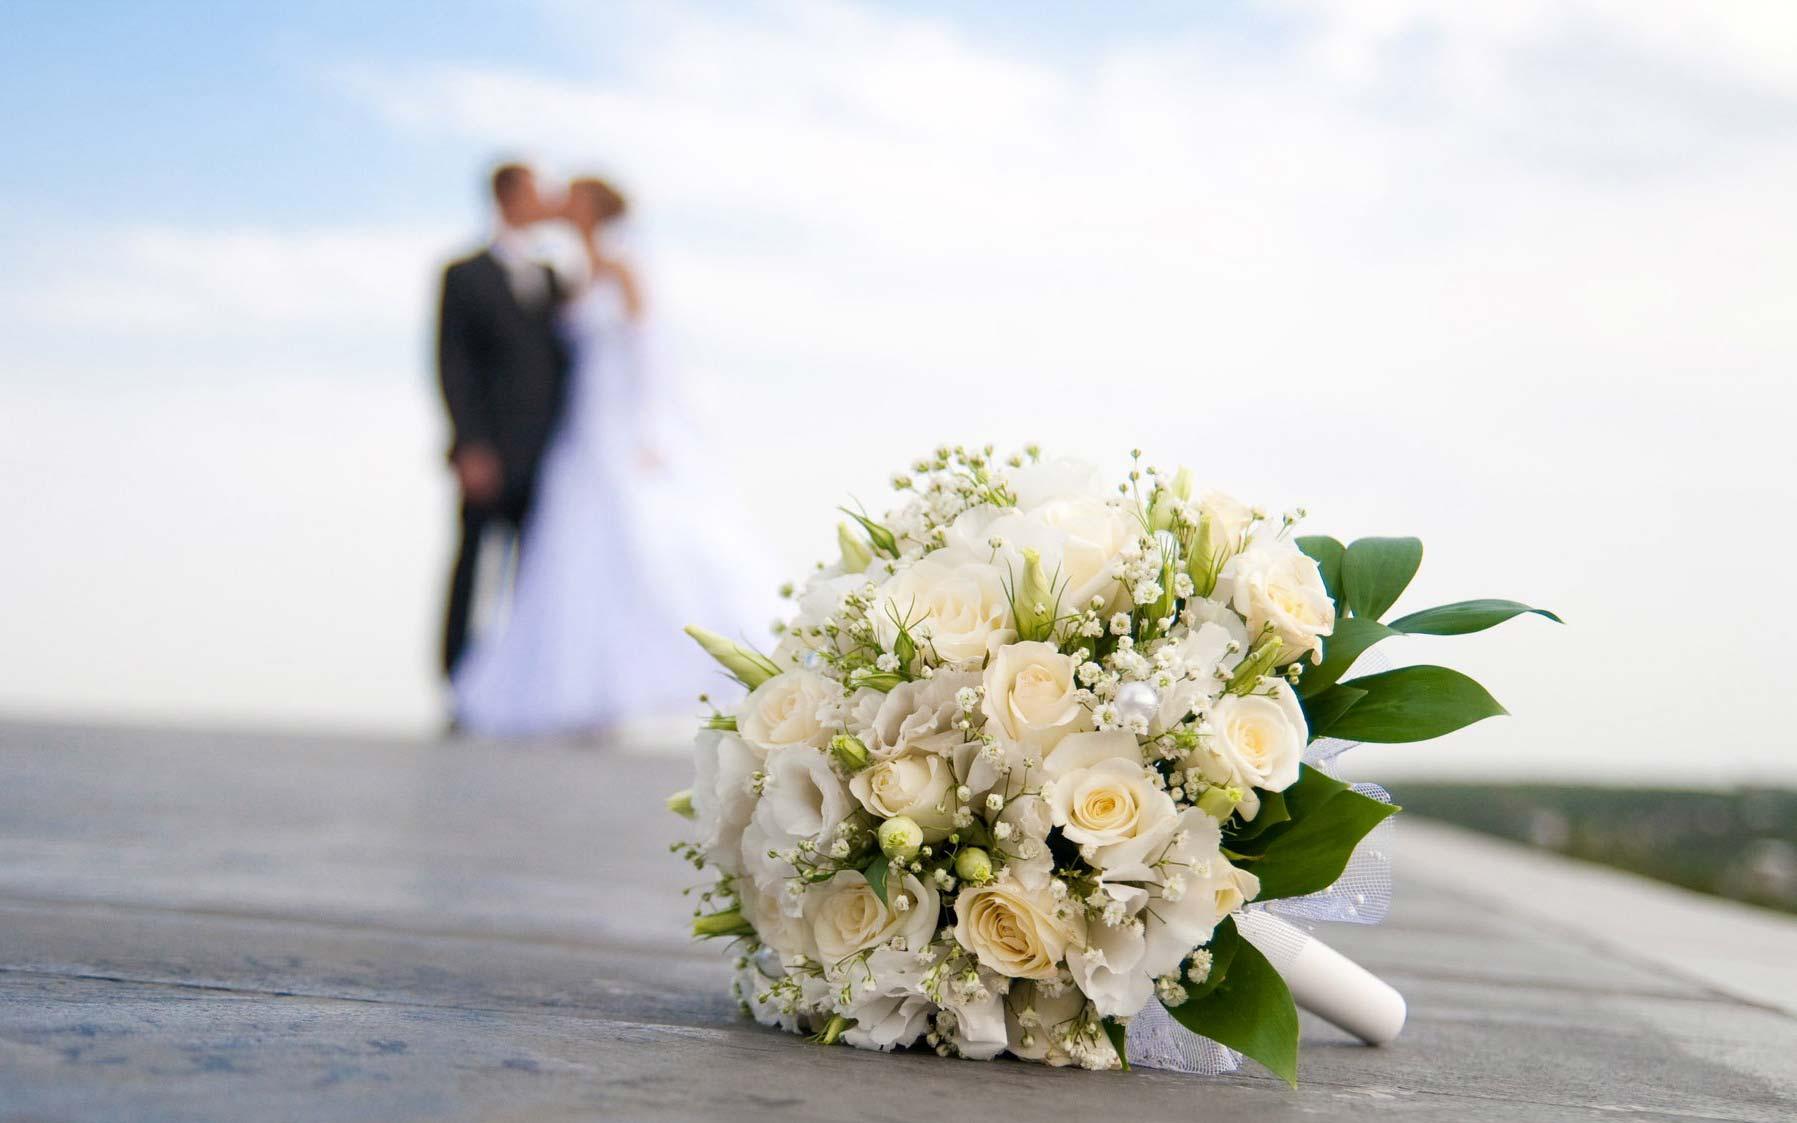 Il matrimonio all'epoca dei millenials [o forse no…]